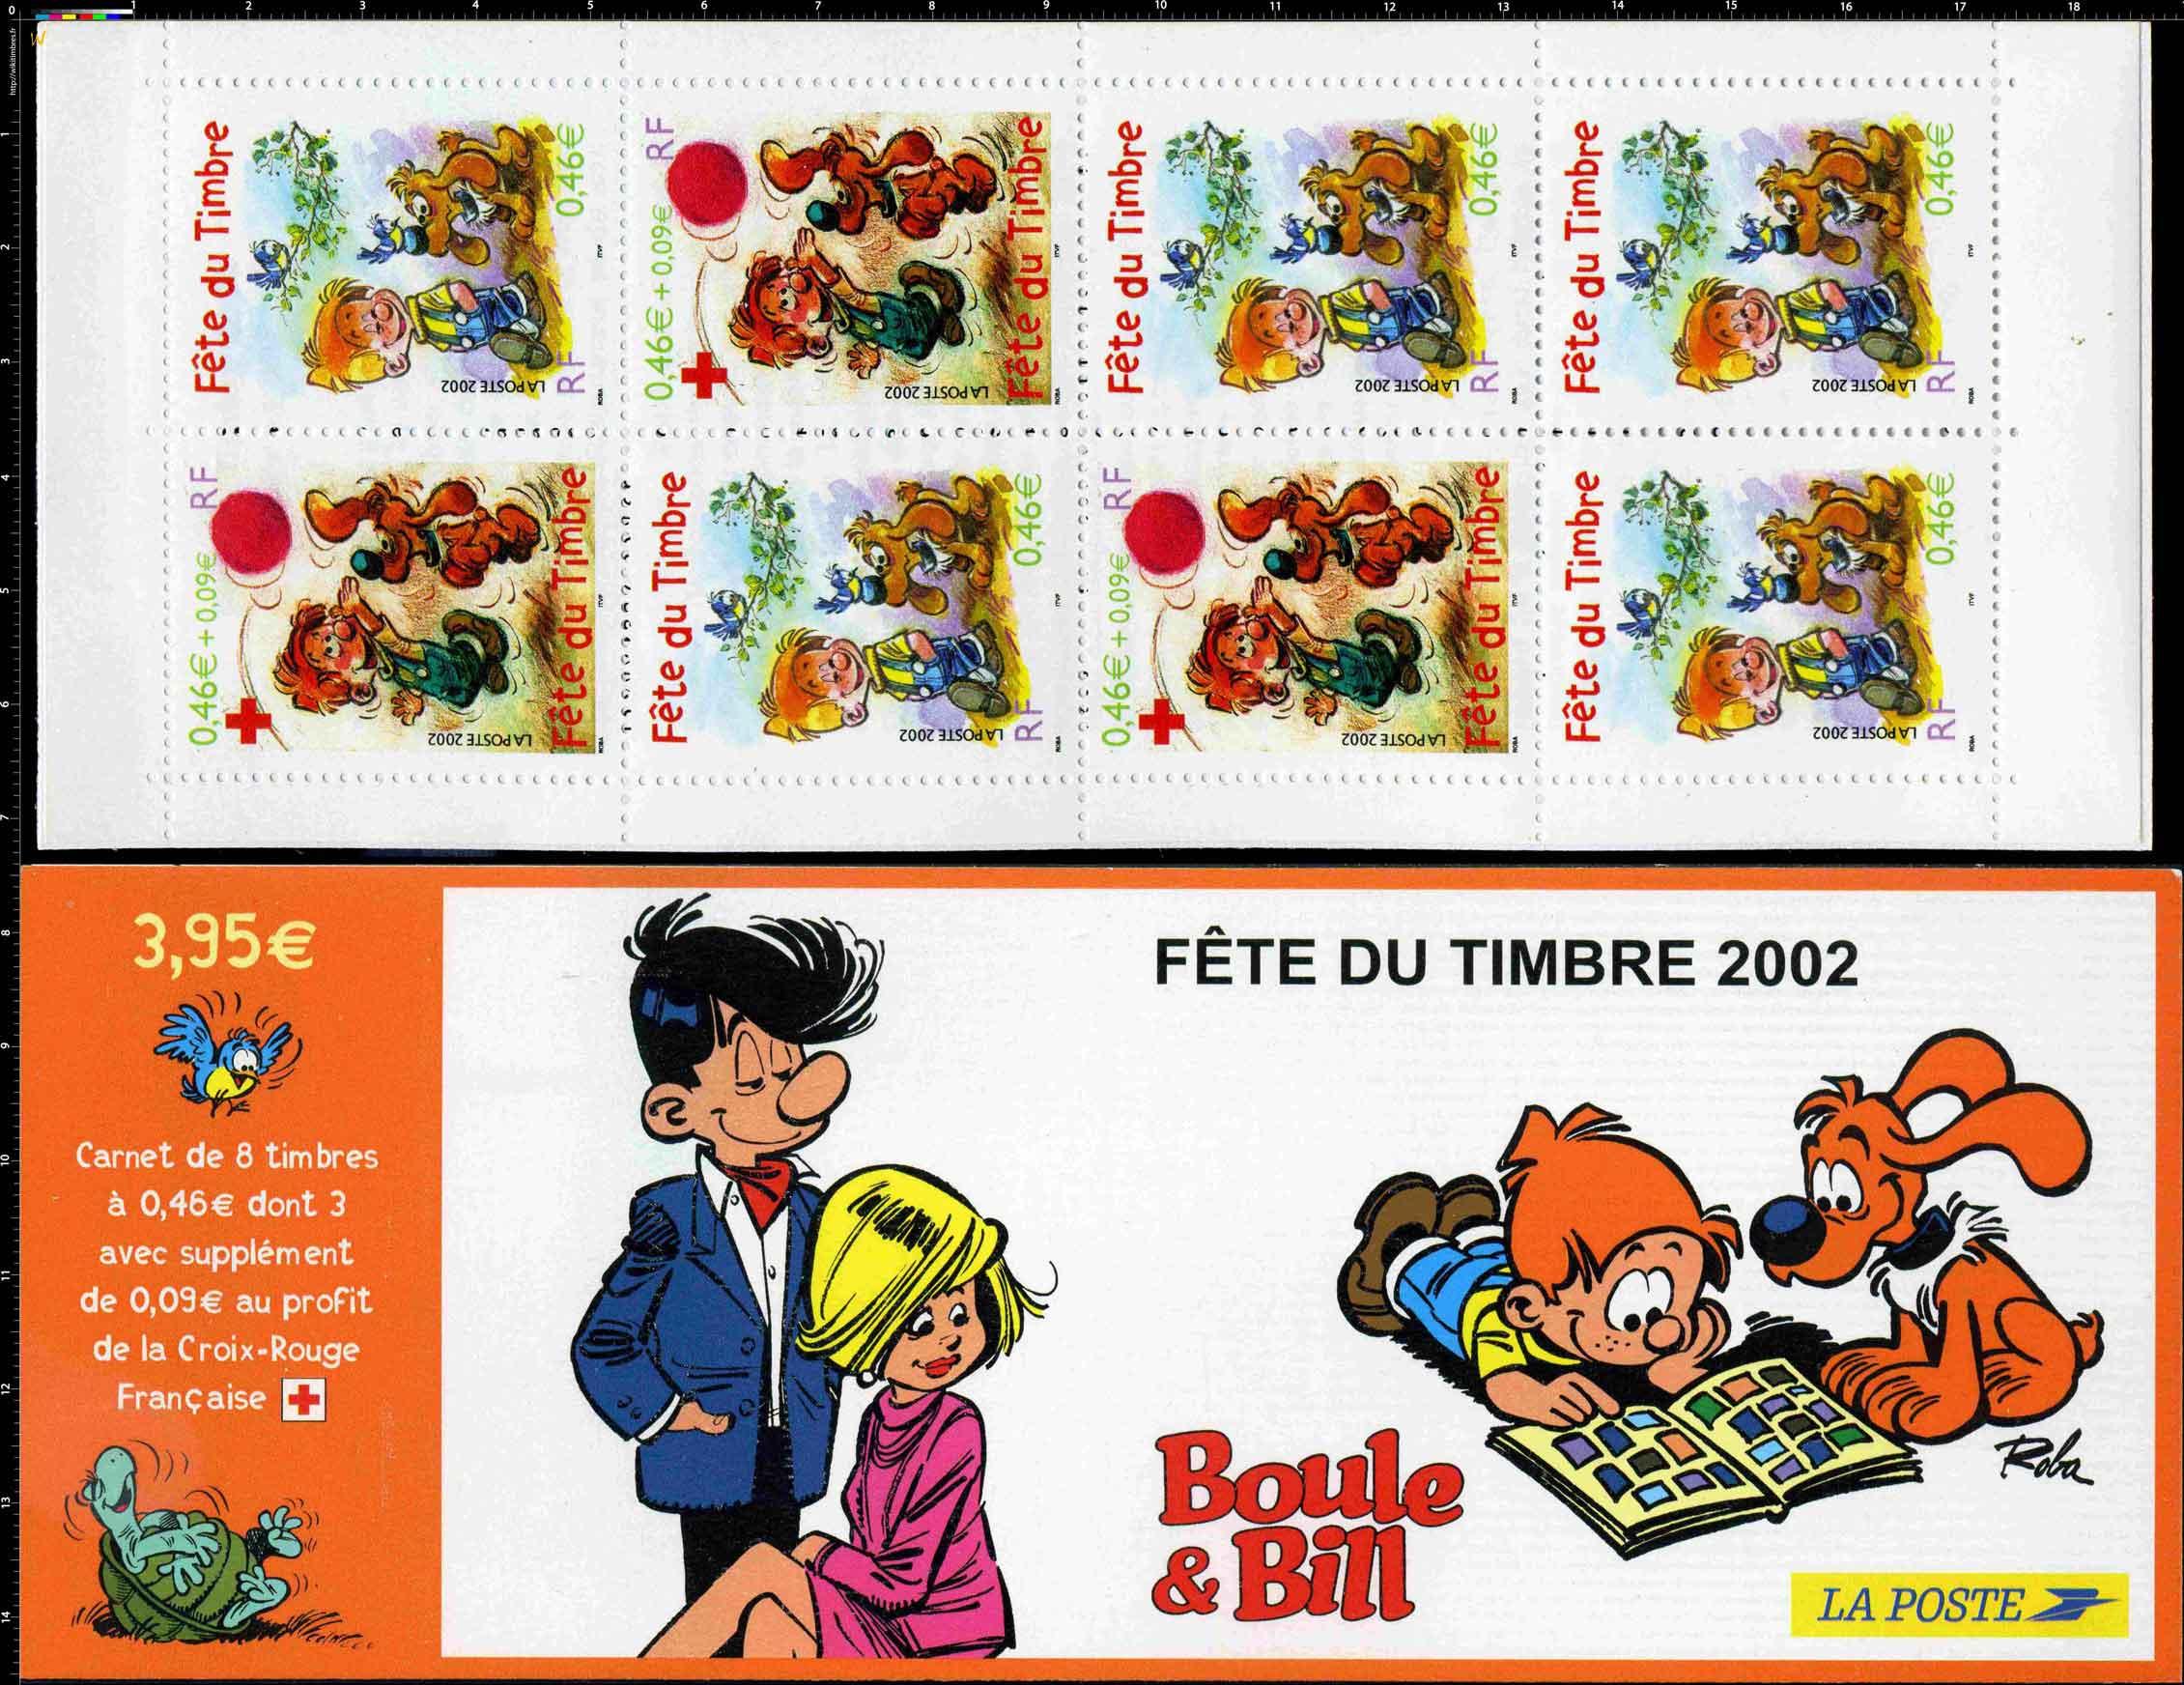 2002 FÊTE DU TIMBRE